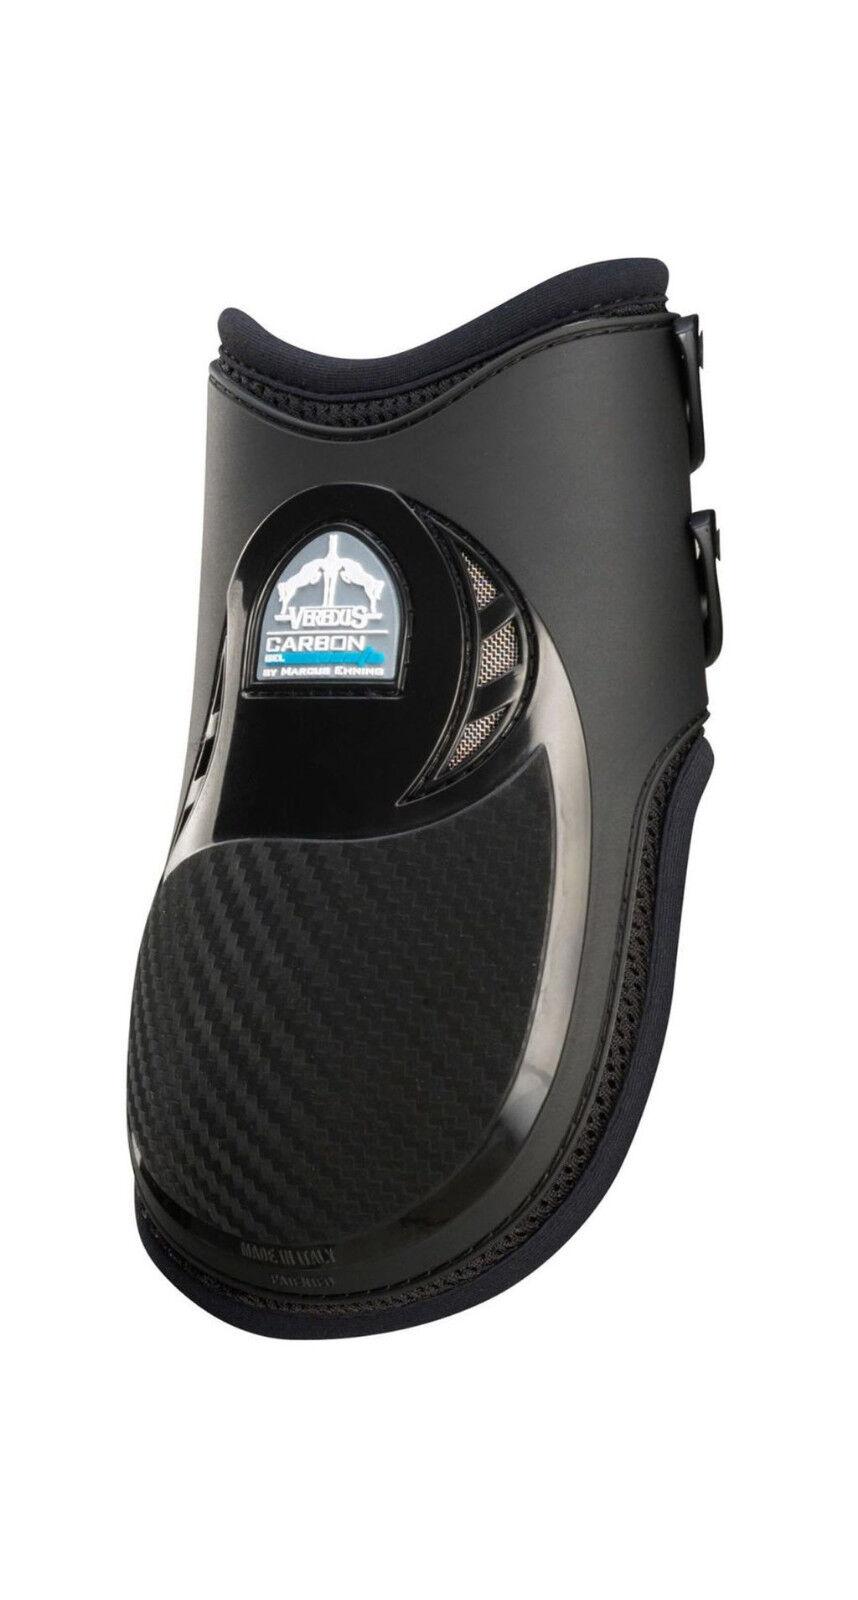 Veredus Streichkappen Carbon Gel Vento Rear hinten dopp. Belüftung black+brown